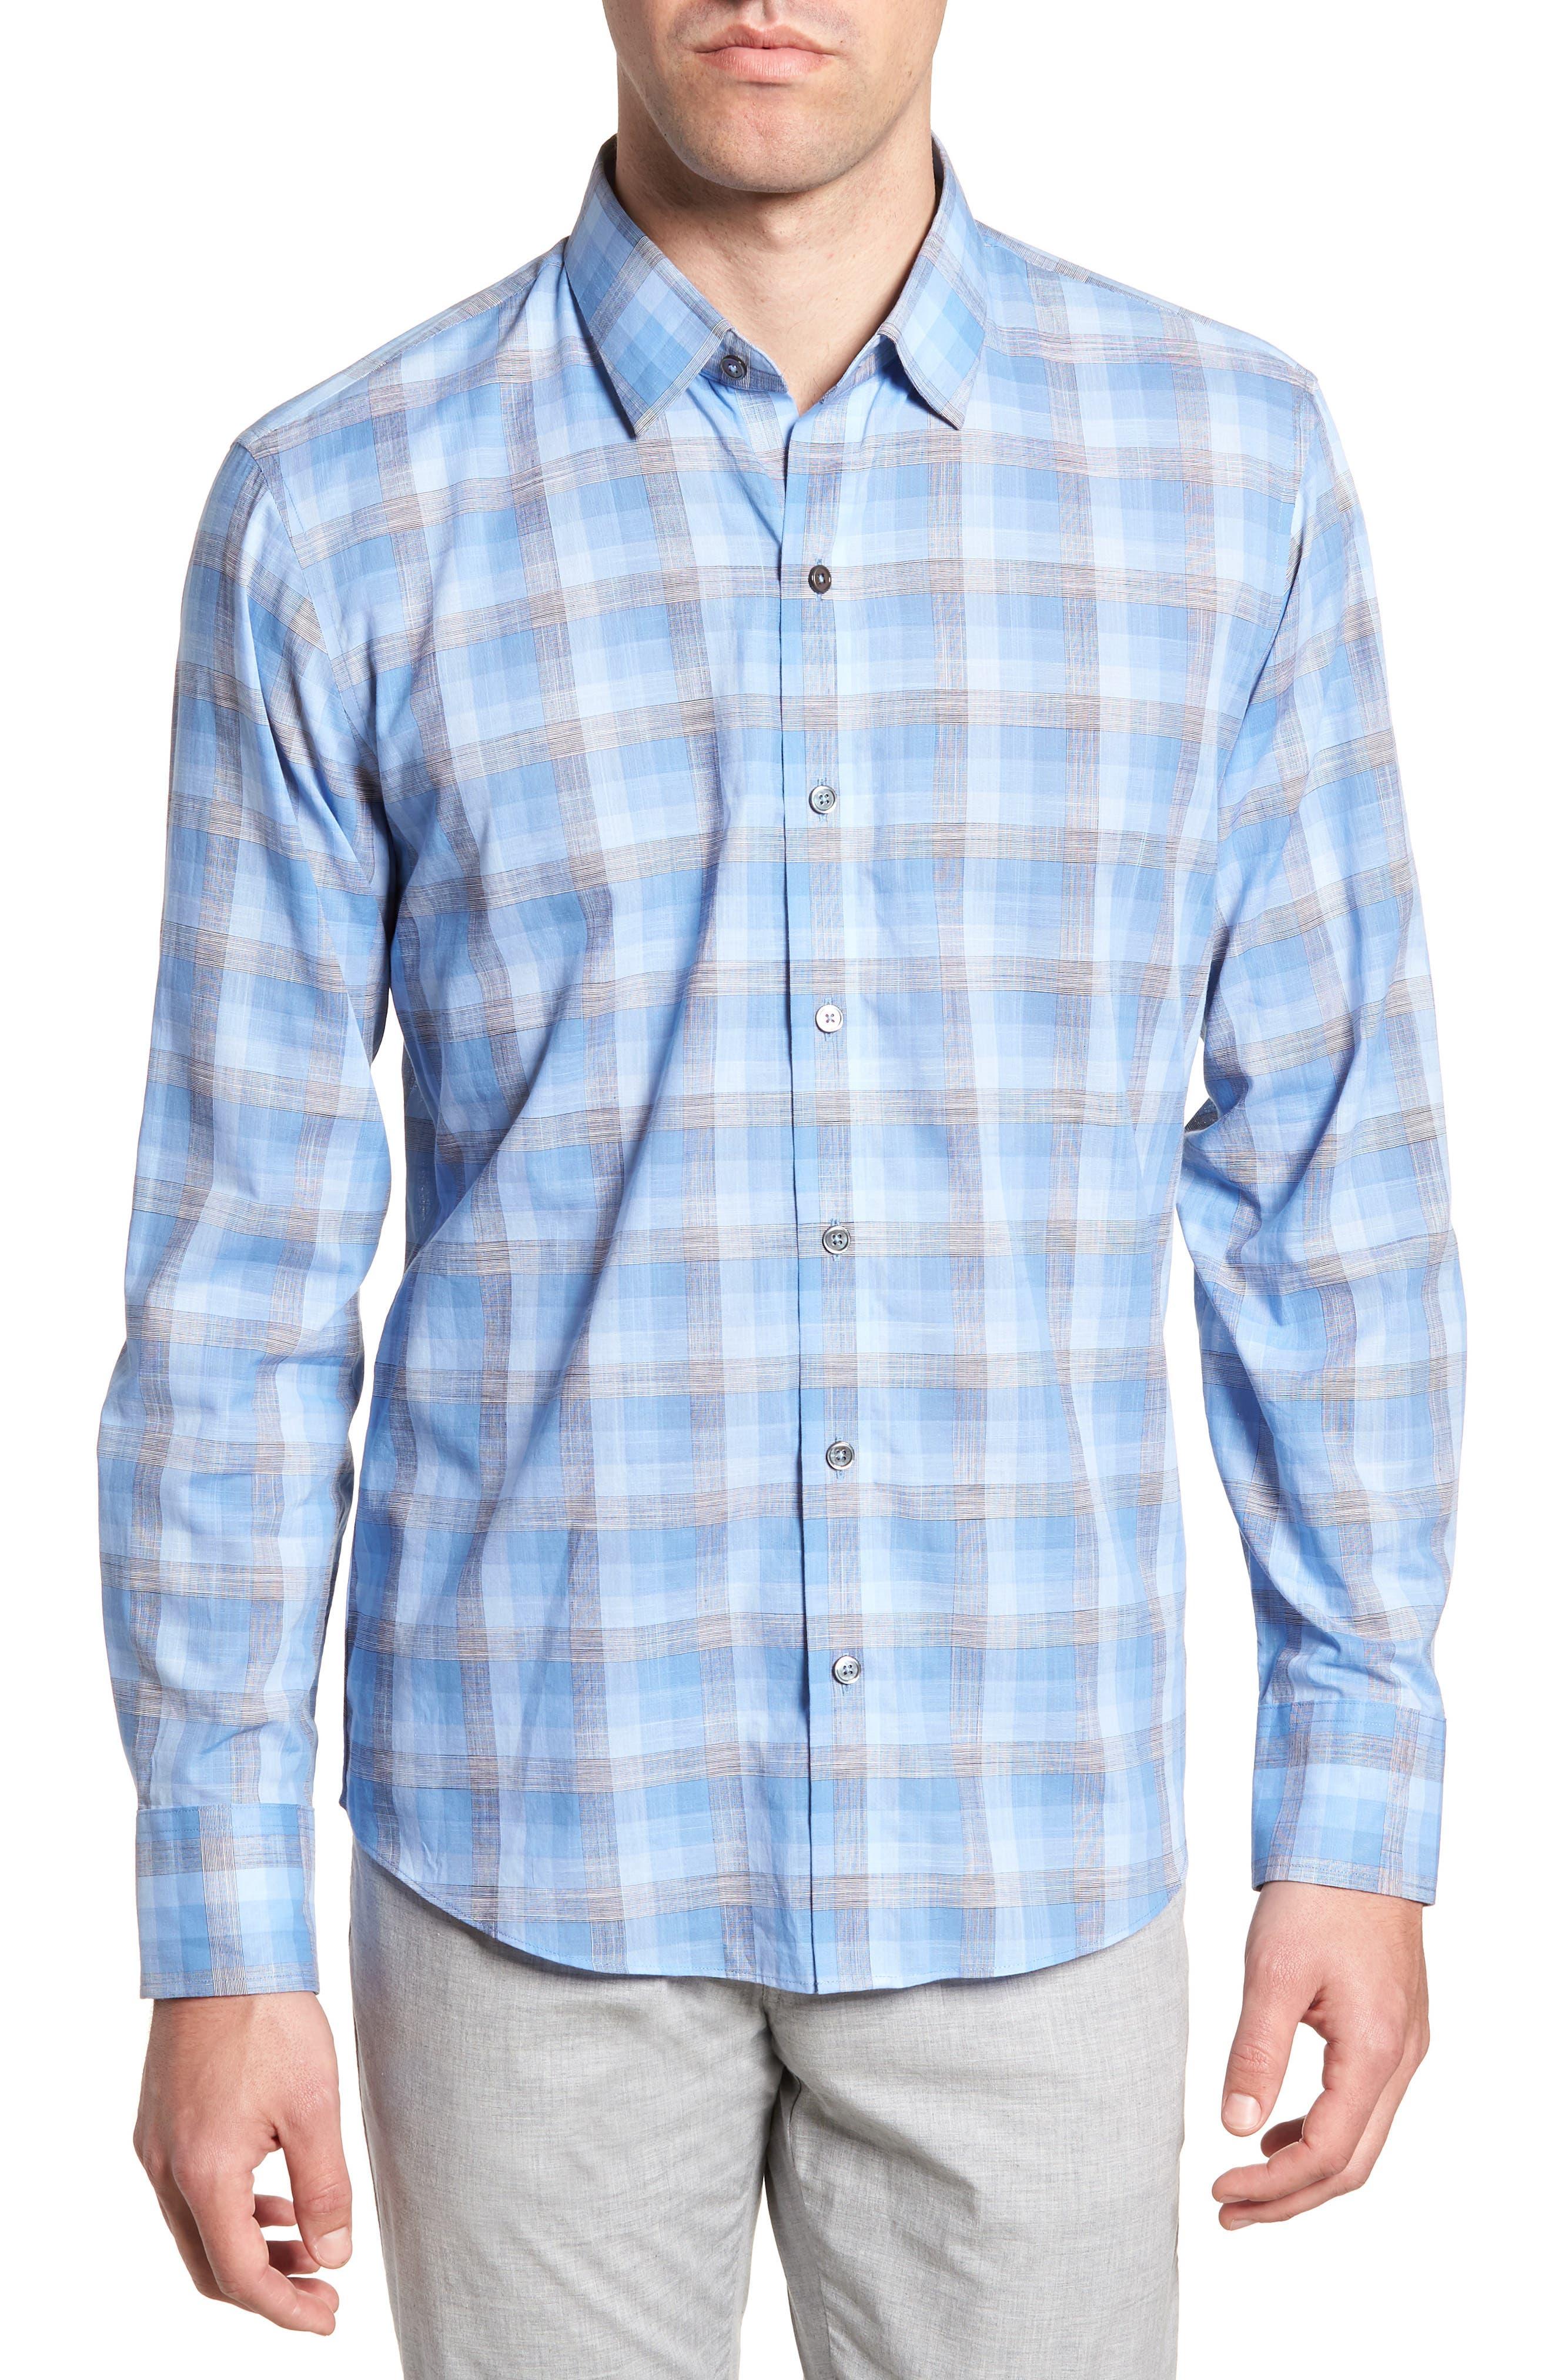 Asim Regular Fit Sport Shirt,                             Main thumbnail 1, color,                             Ocean